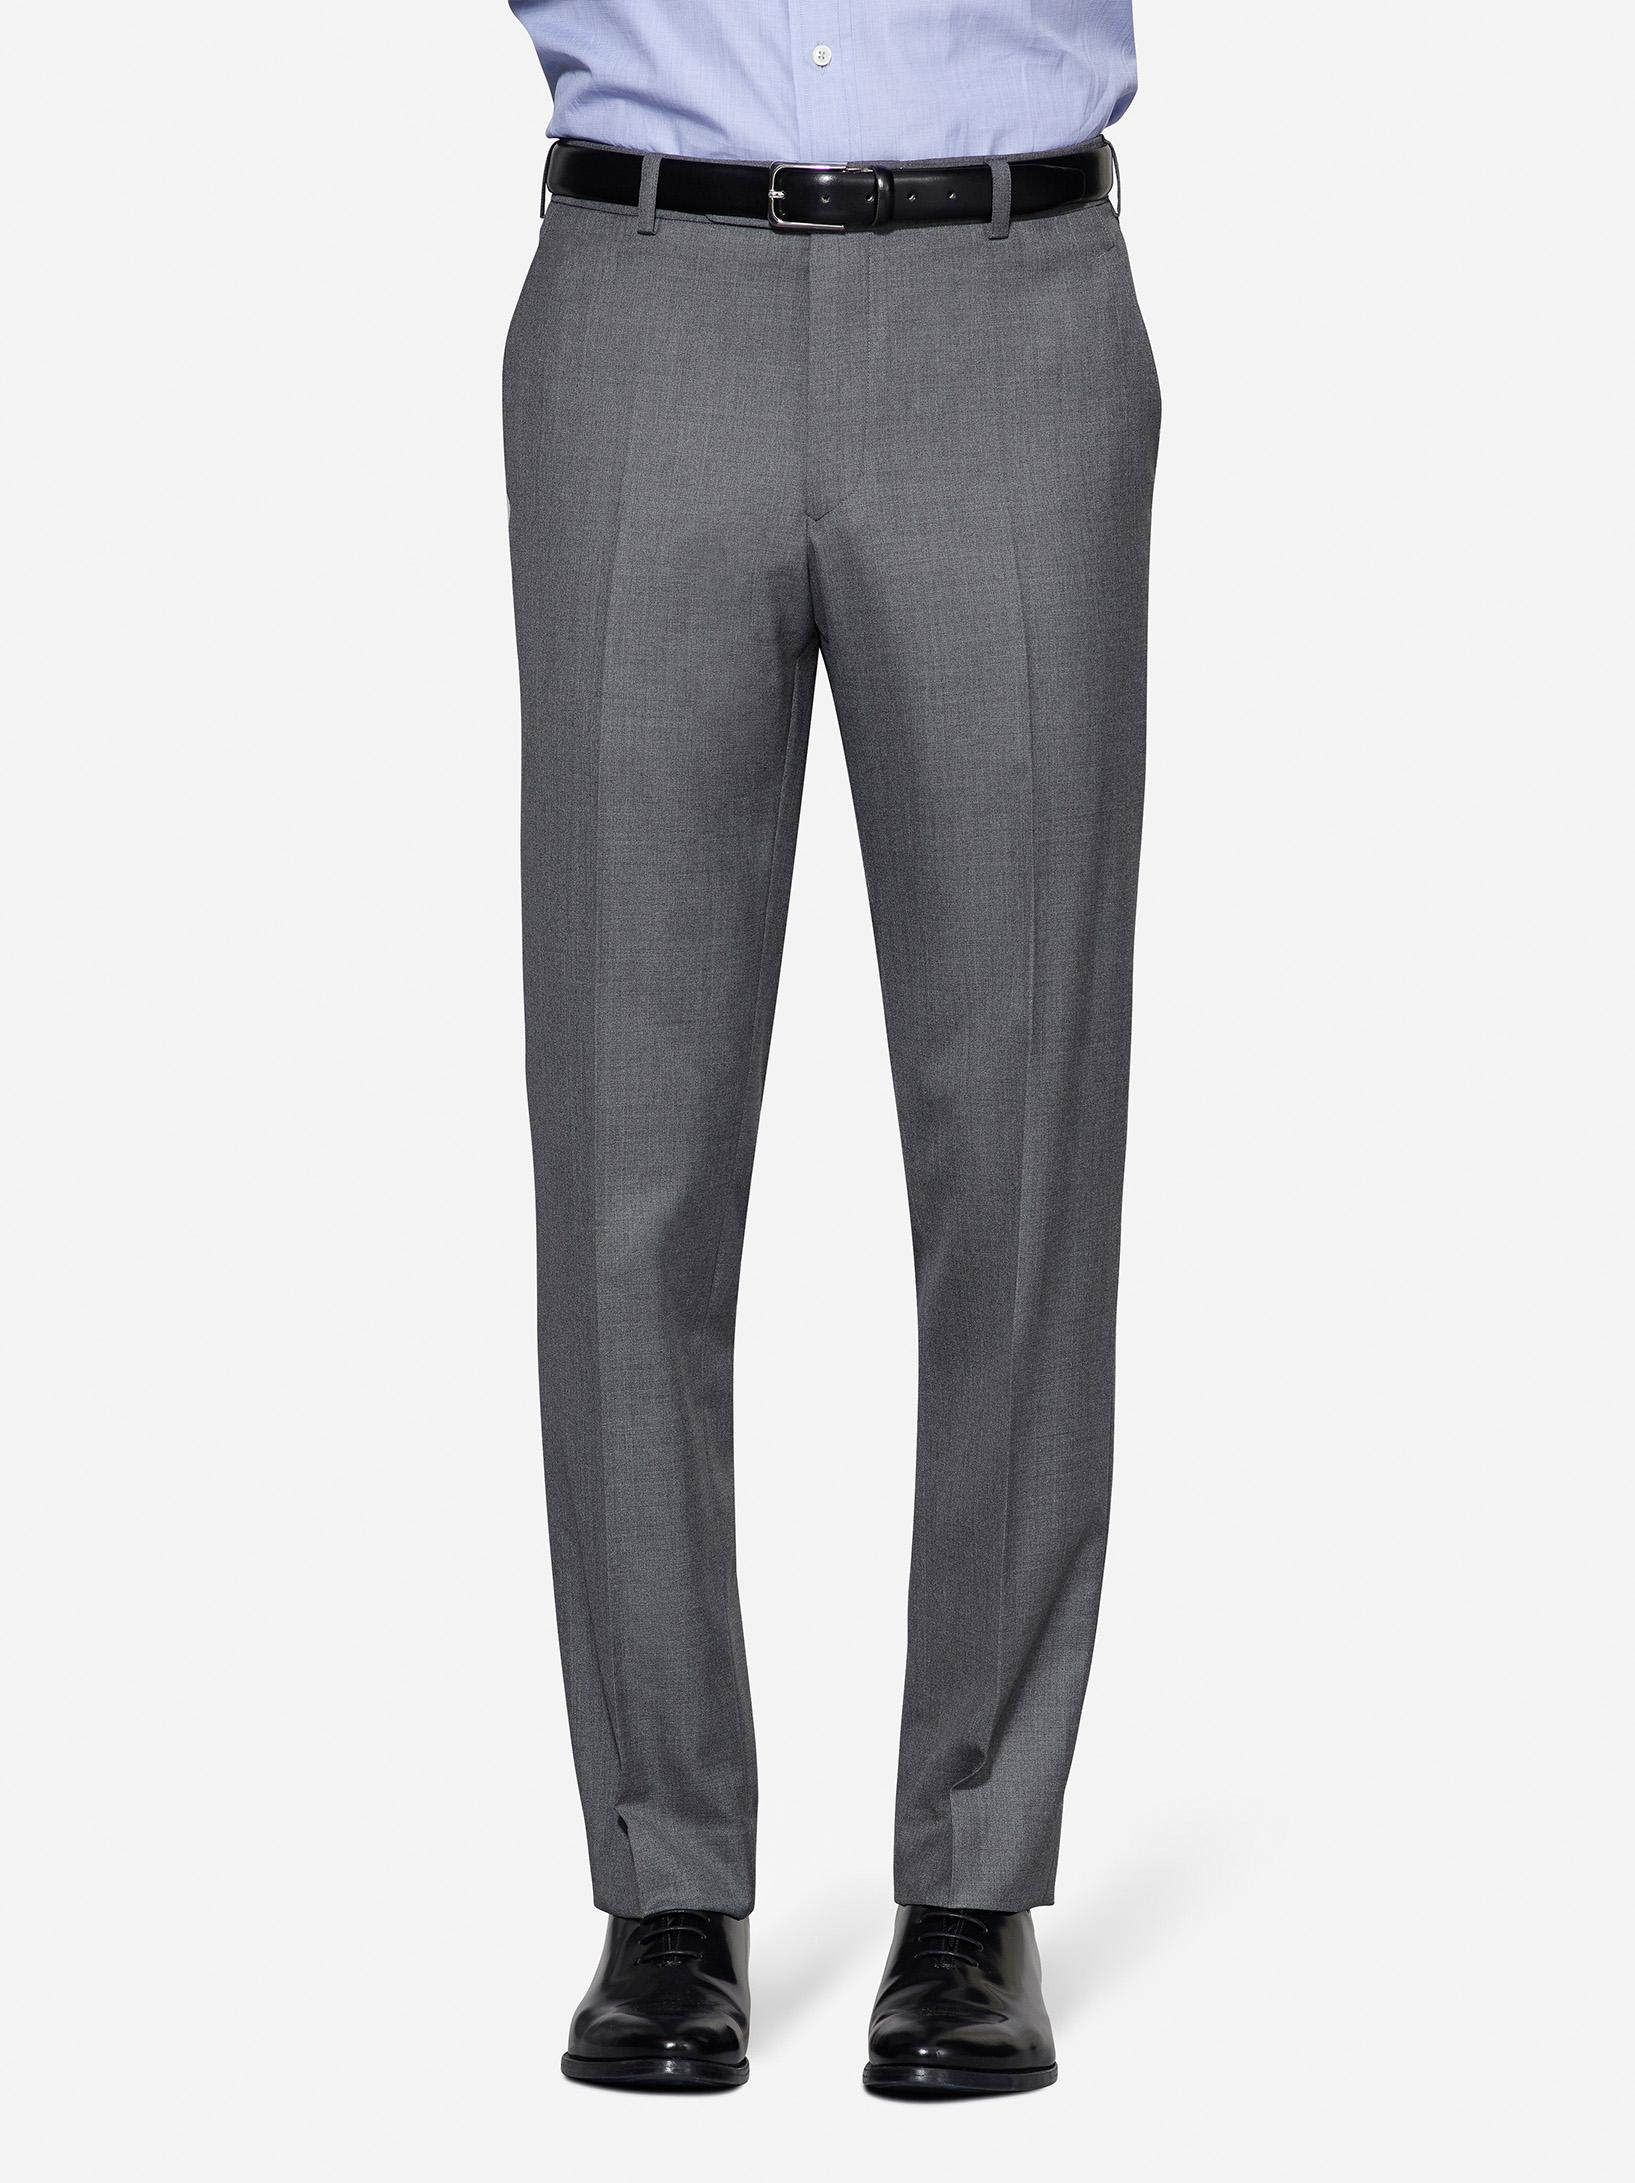 Plaint Front - No Pleats tuxedo trouser